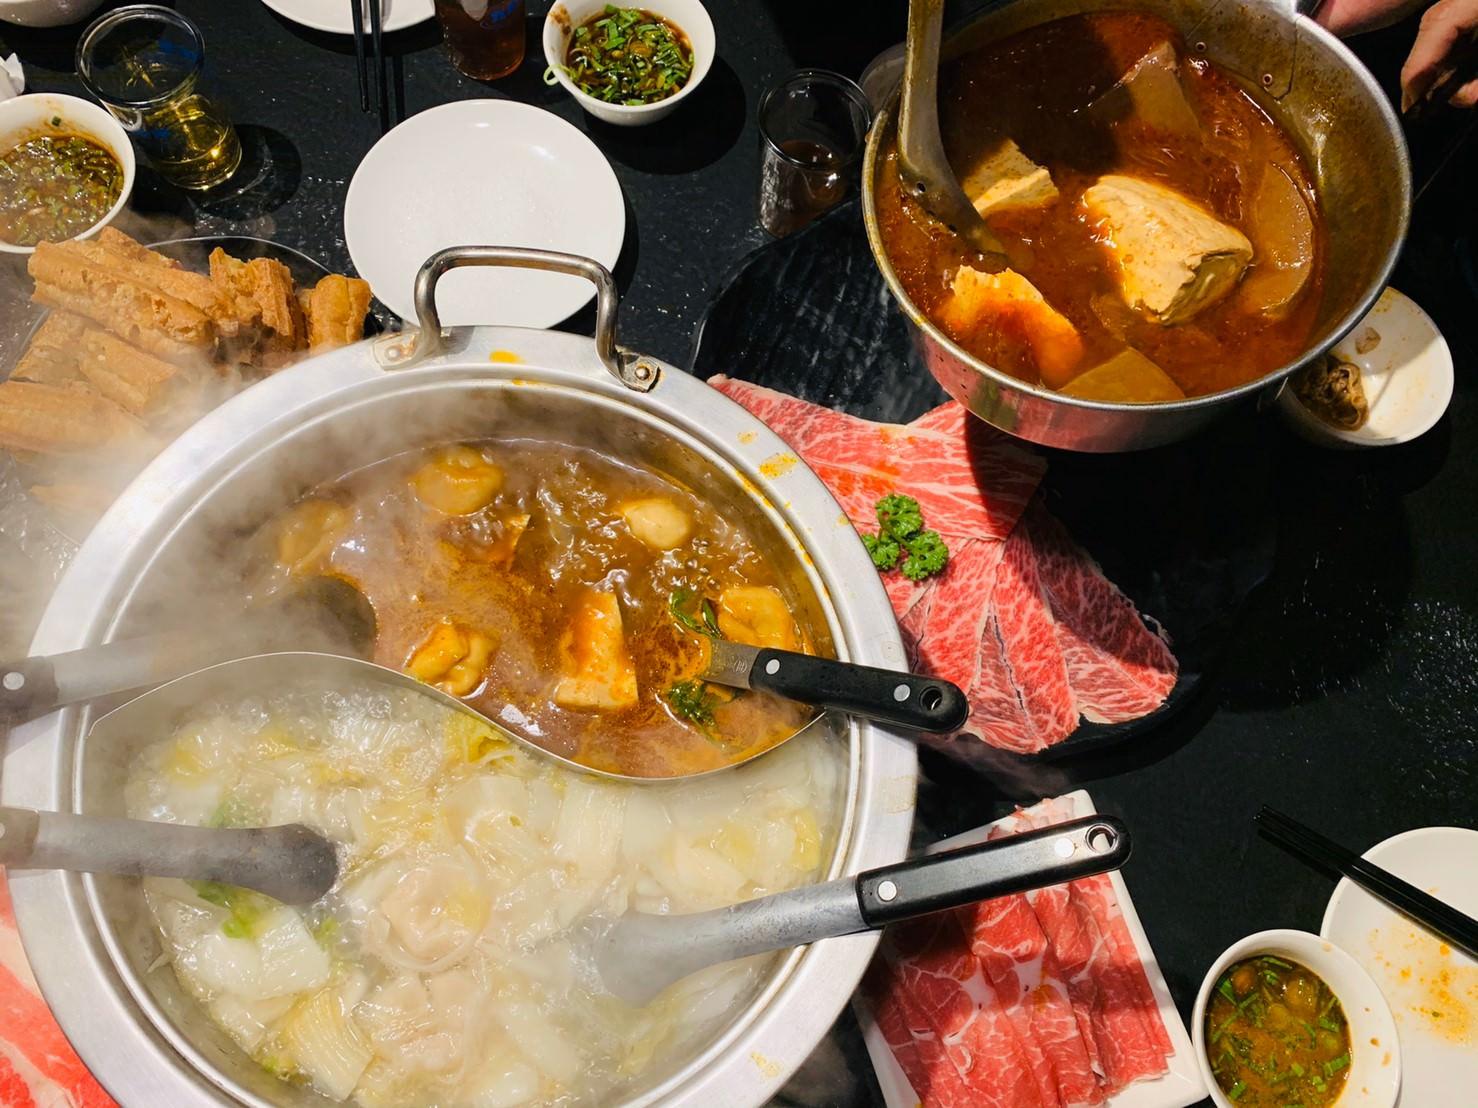 台北麻辣鍋推薦 :: 辣上癮 極品麻辣鴛鴦 鴨血豆腐無限續,酸菜白肉鍋更好吃